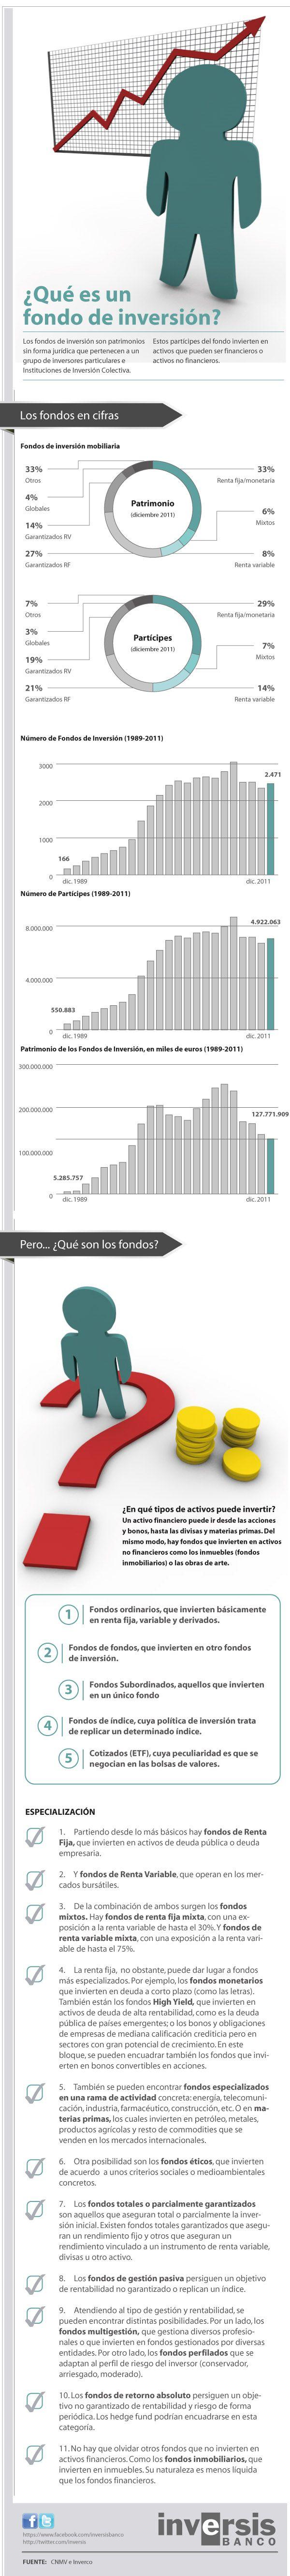 Qué es un fondo de inversión #infografia #infographic